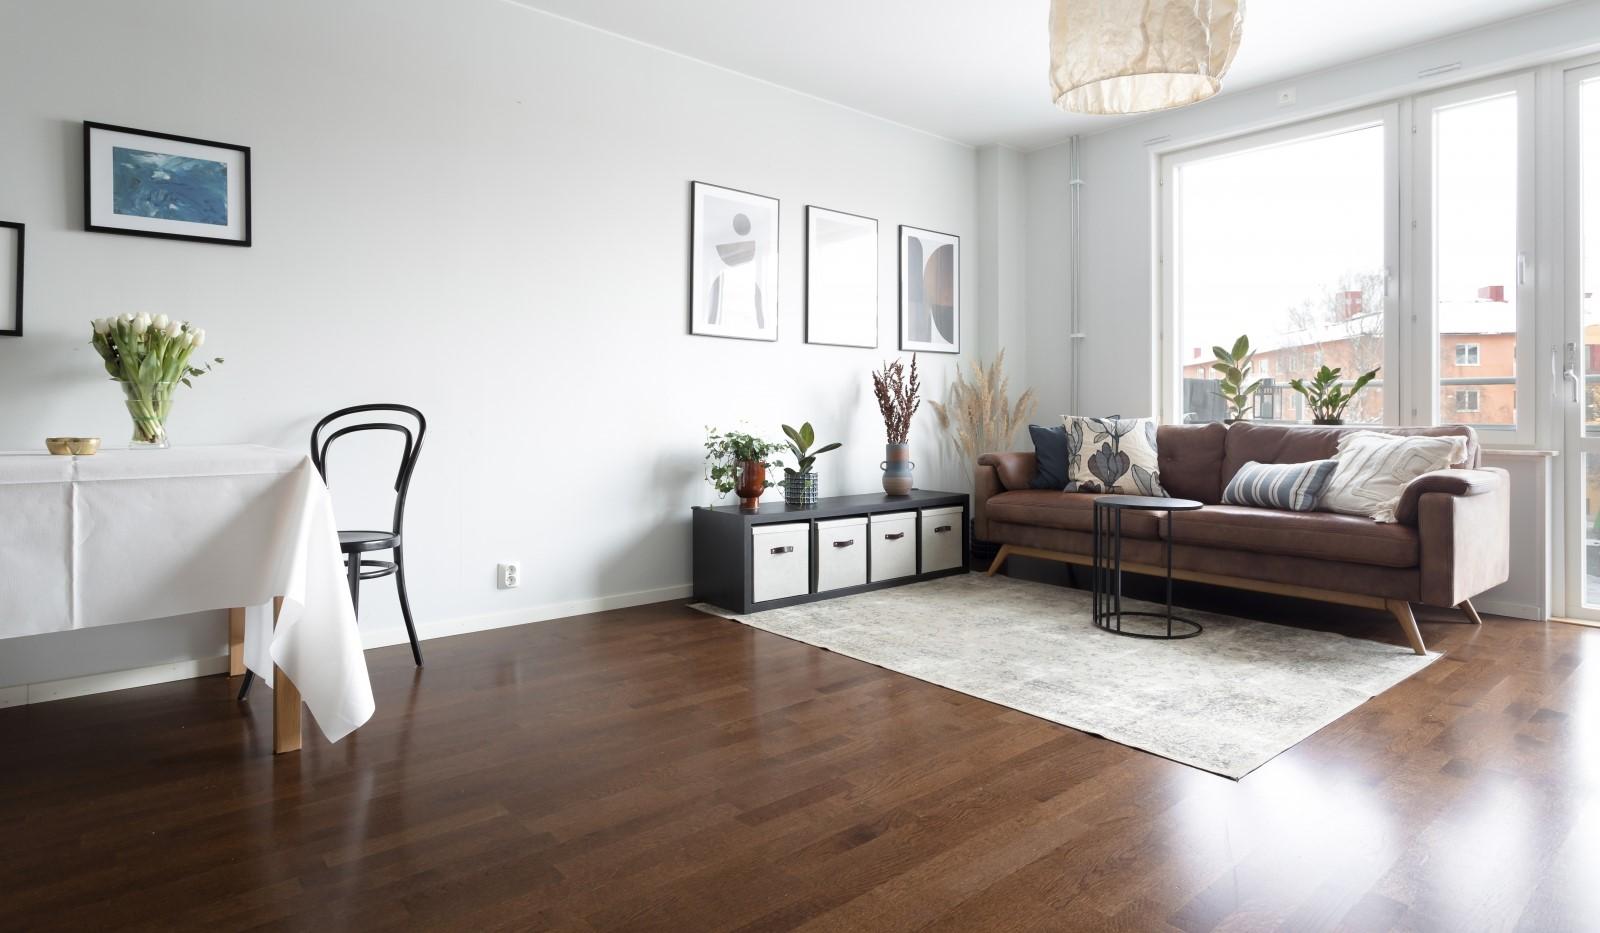 Tellusborgsvägen 90, 2 tr - Plats för litet eller stort matbord